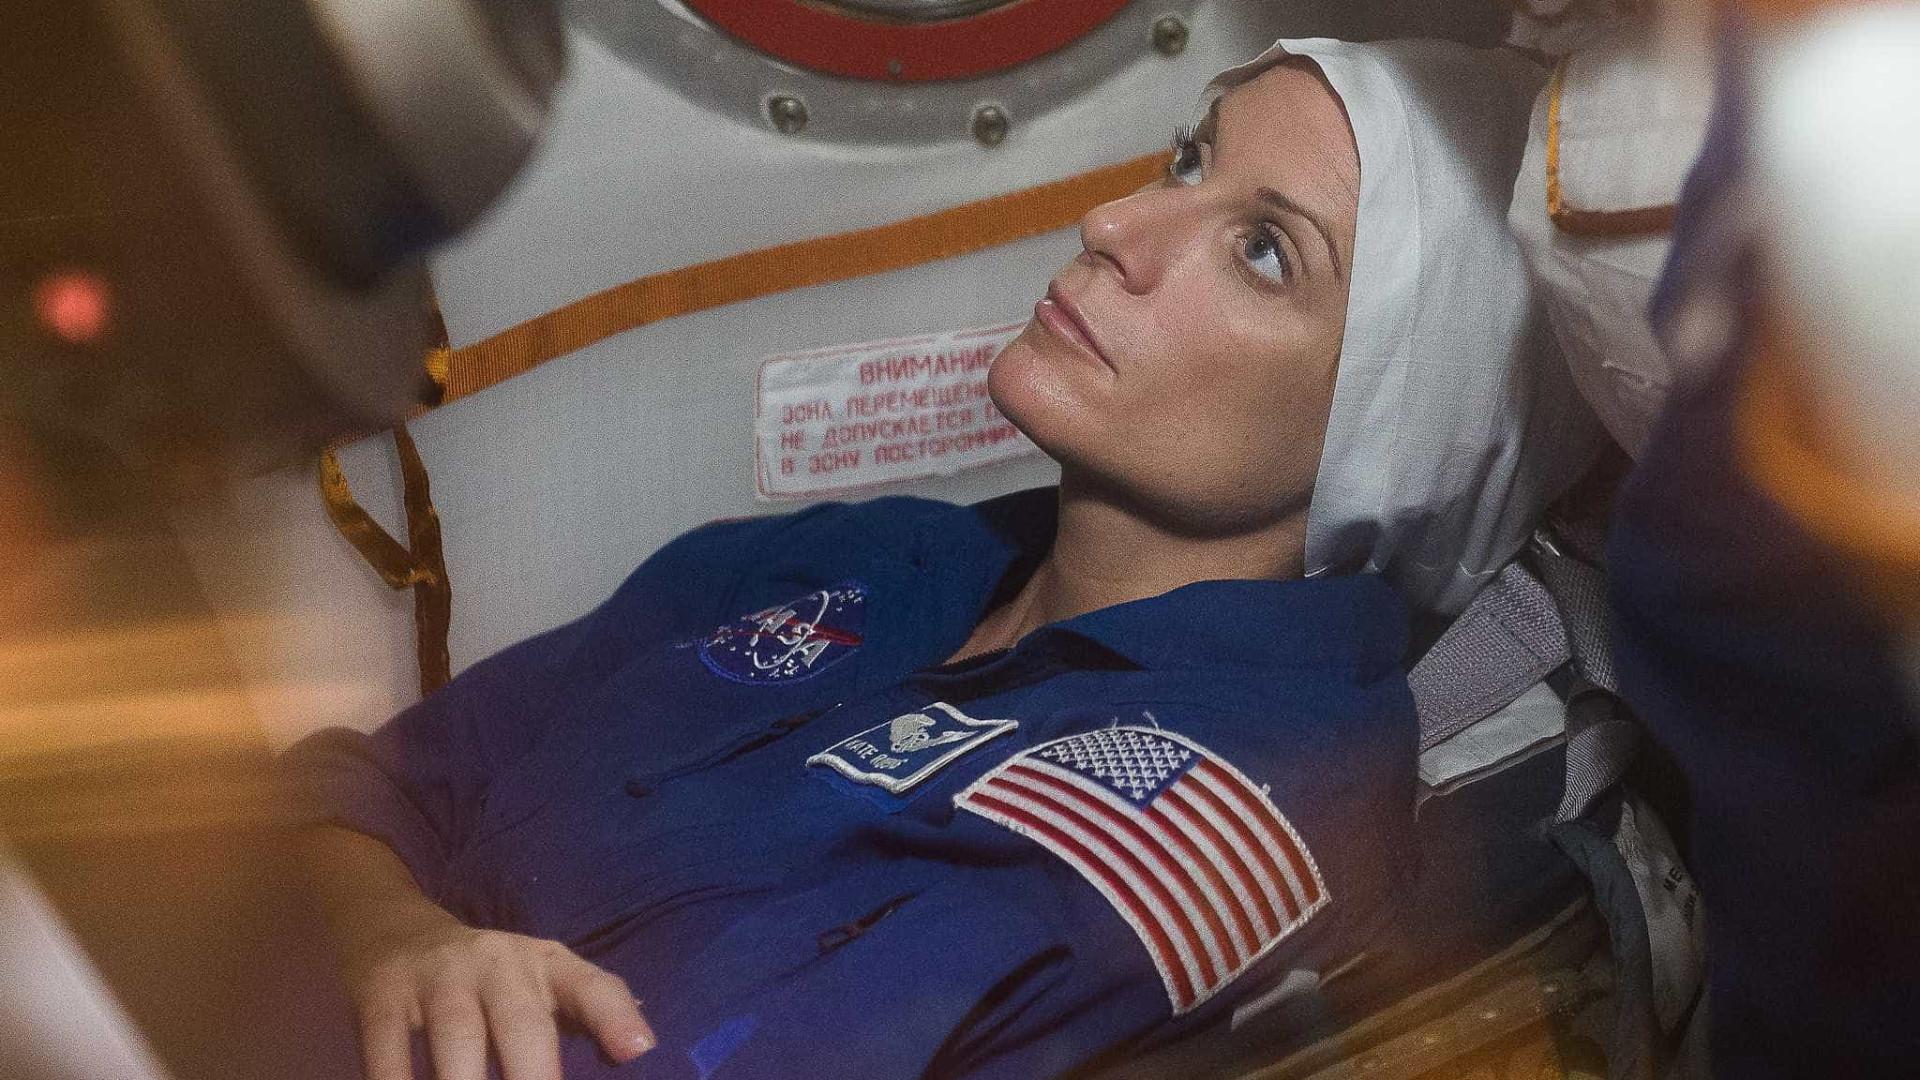 Astronauta publica foto noturna da Europa  clicada da Estação Espacial